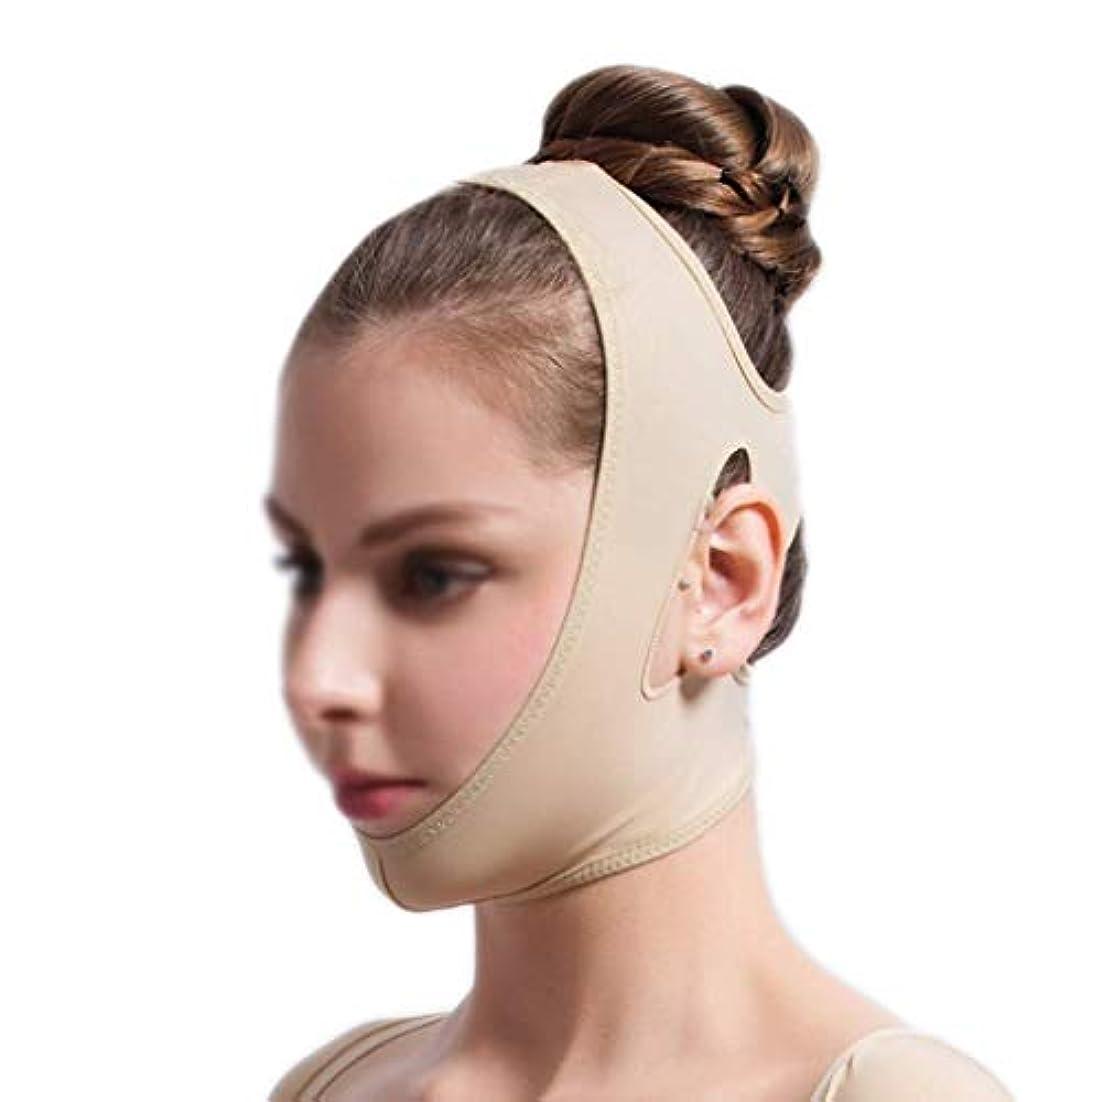 ソースゲインセイ永久にフェイスリフティングバンデージ、フェイシャル減量マスク、フェイシャルリフティングスリミングベルト、痩身チークマスク(サイズ:S),XL